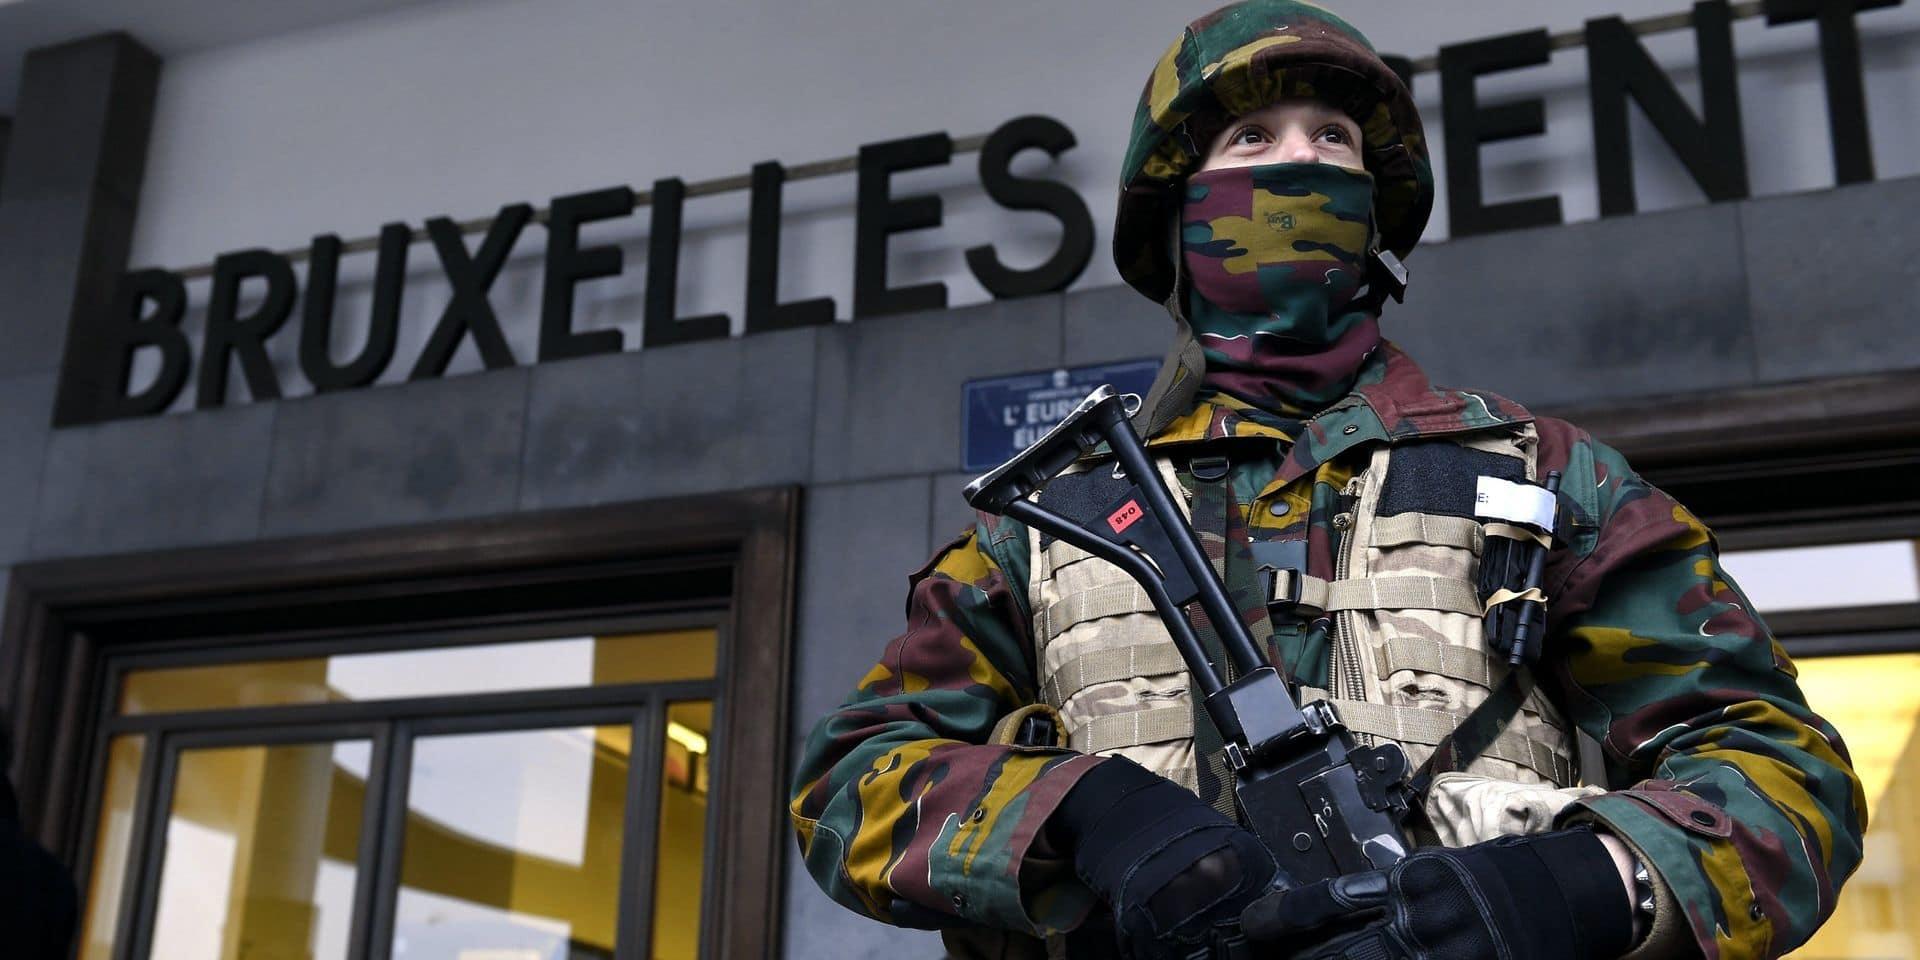 Après 6 ans, les militaires se retirent des gares, aéroports et métros